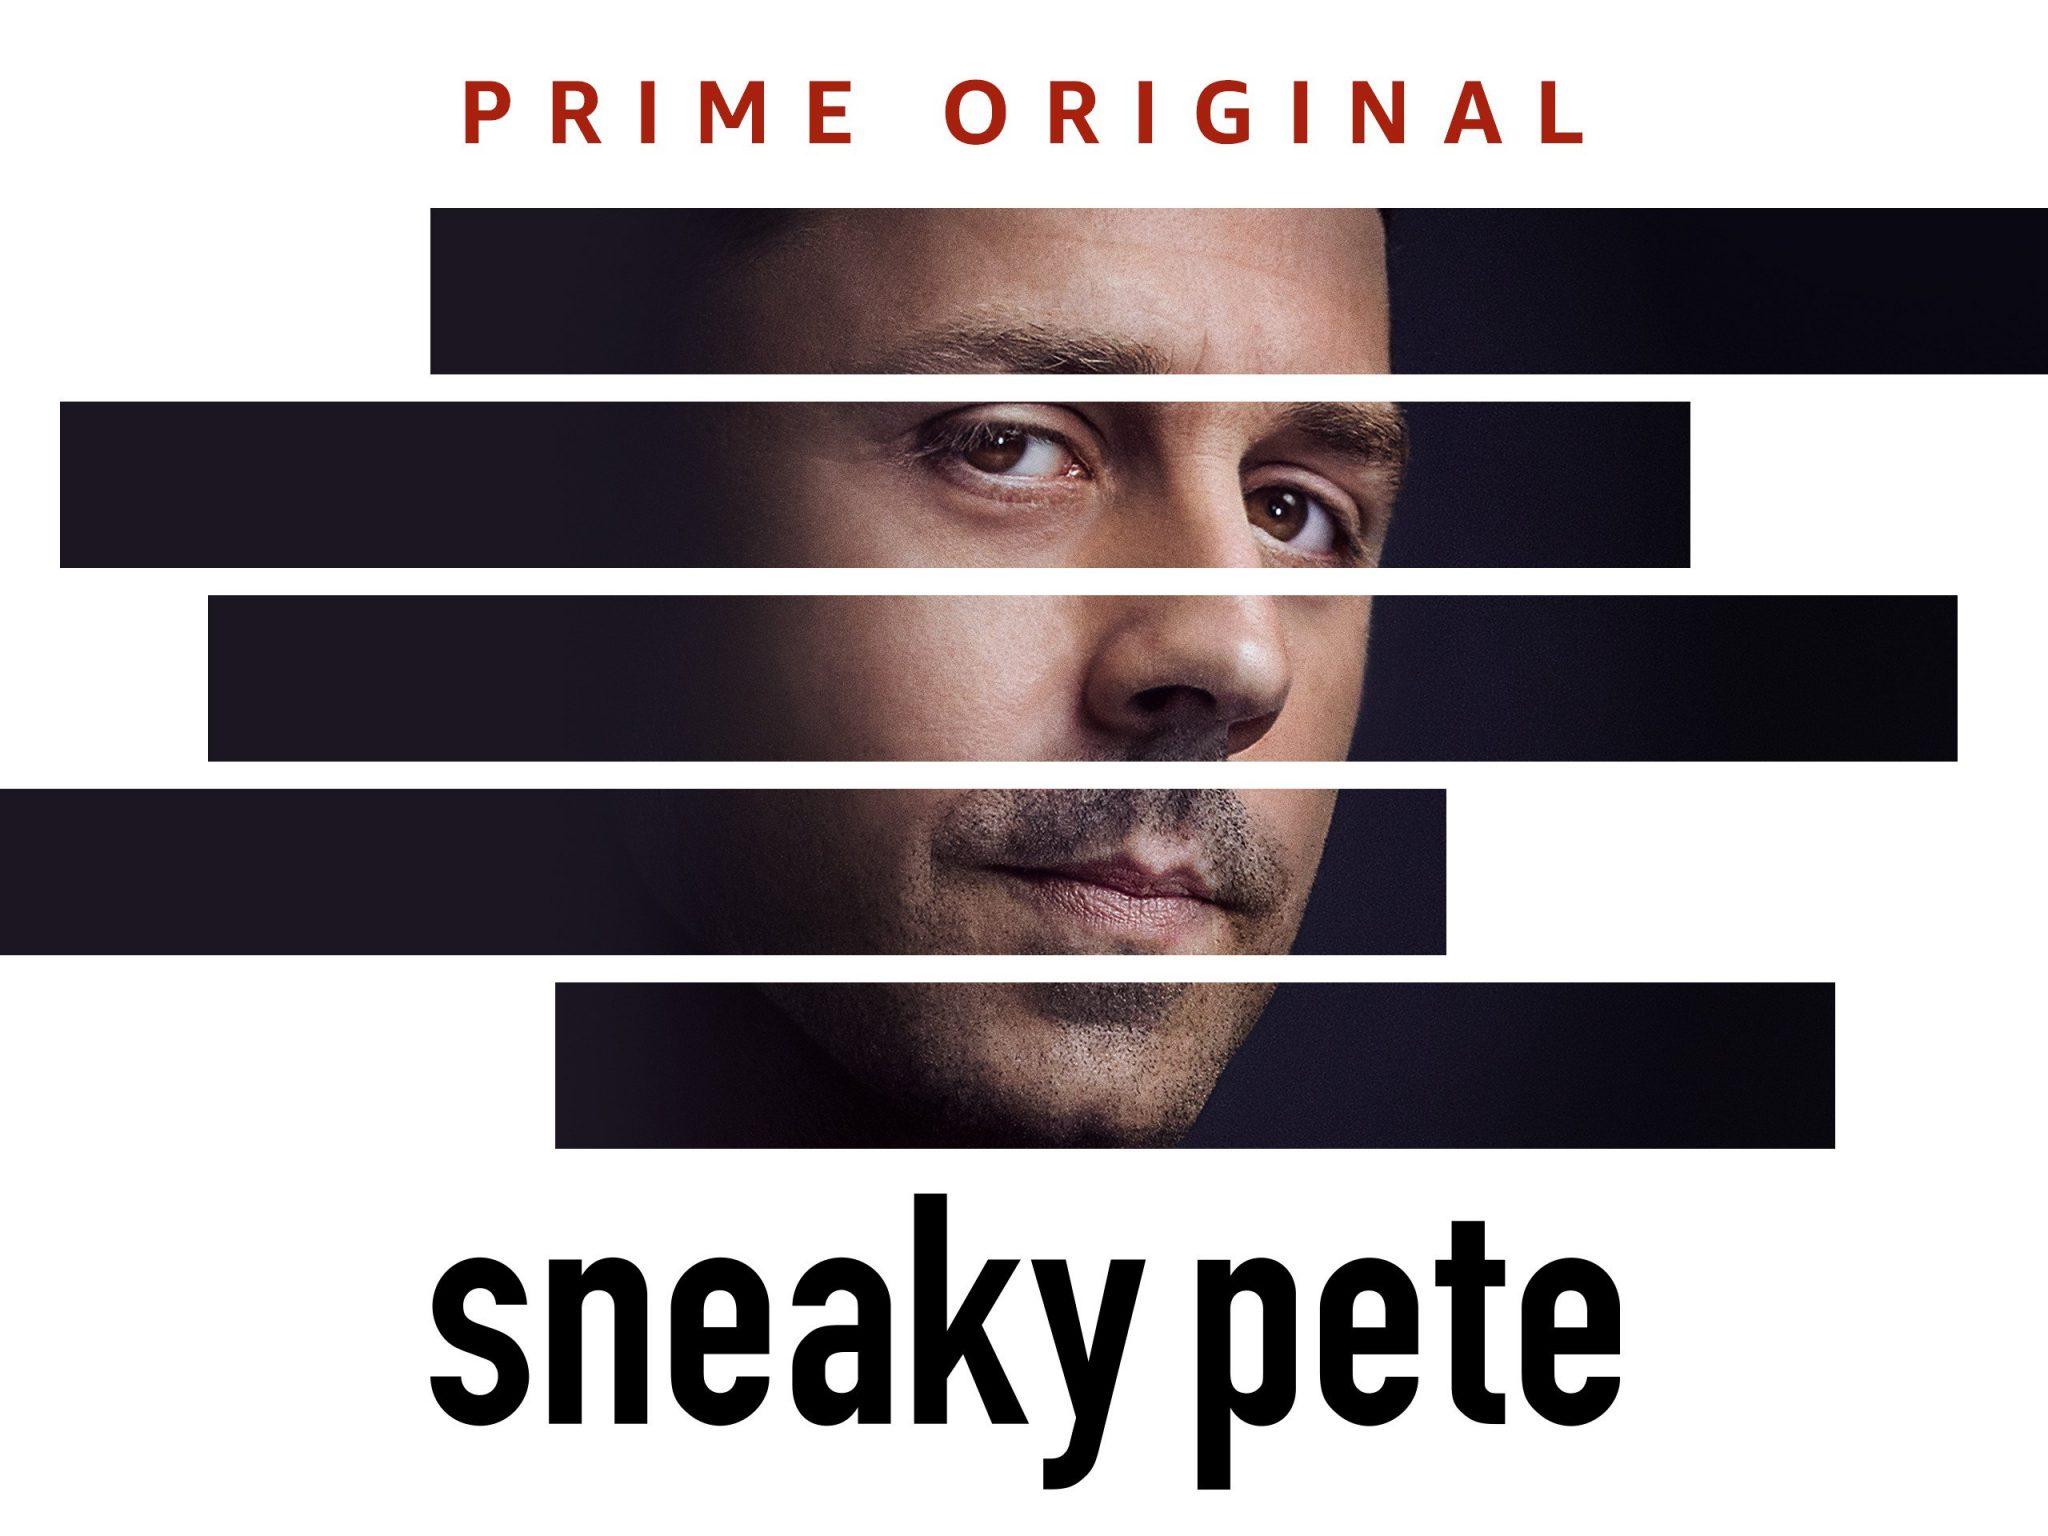 best TV show on Amazon Prime